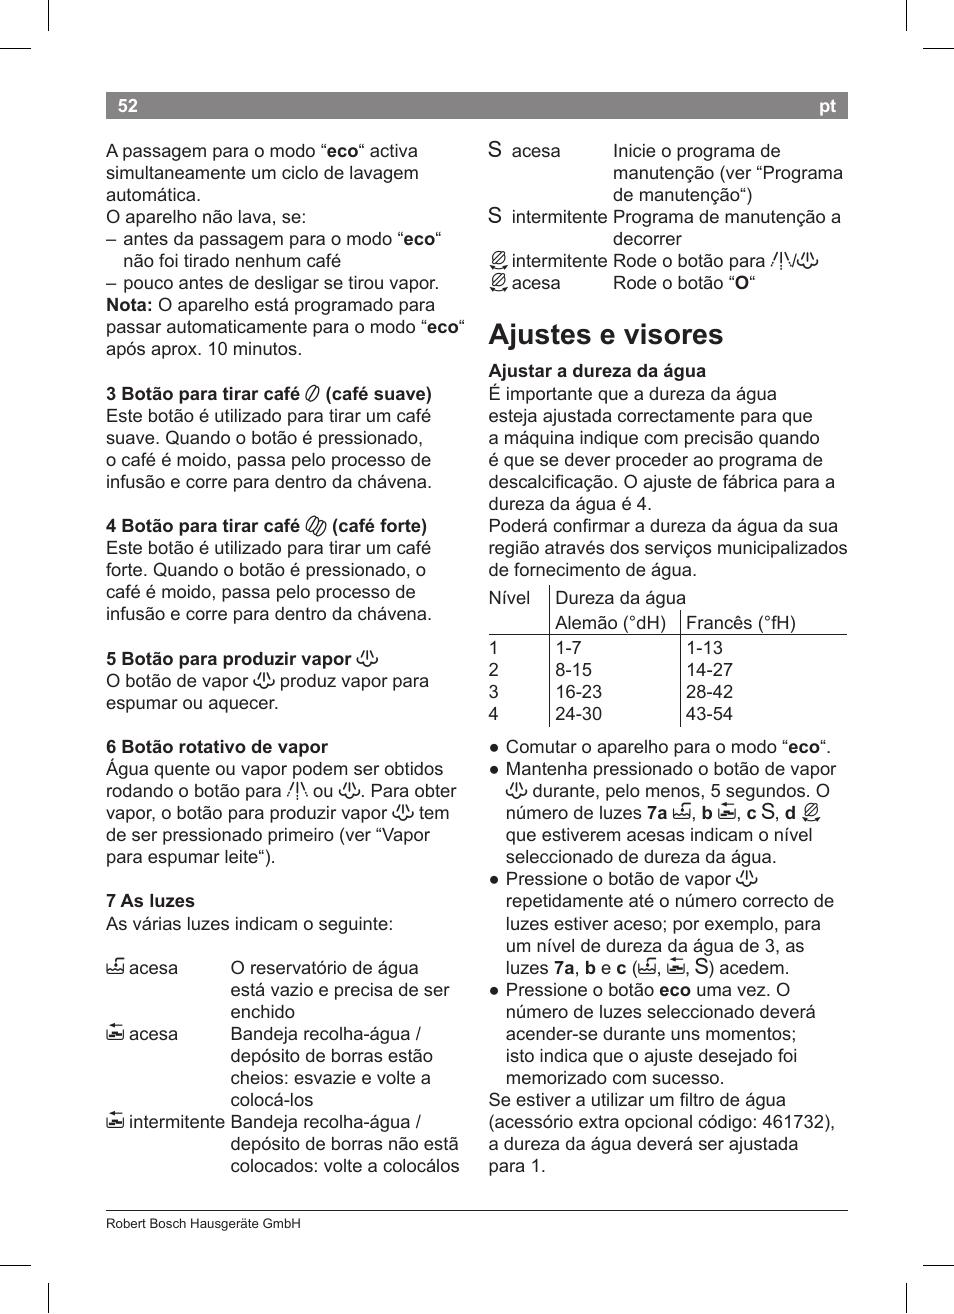 Veiligheidsvoorschriften | bosch tca 5201 user manual | page 34.